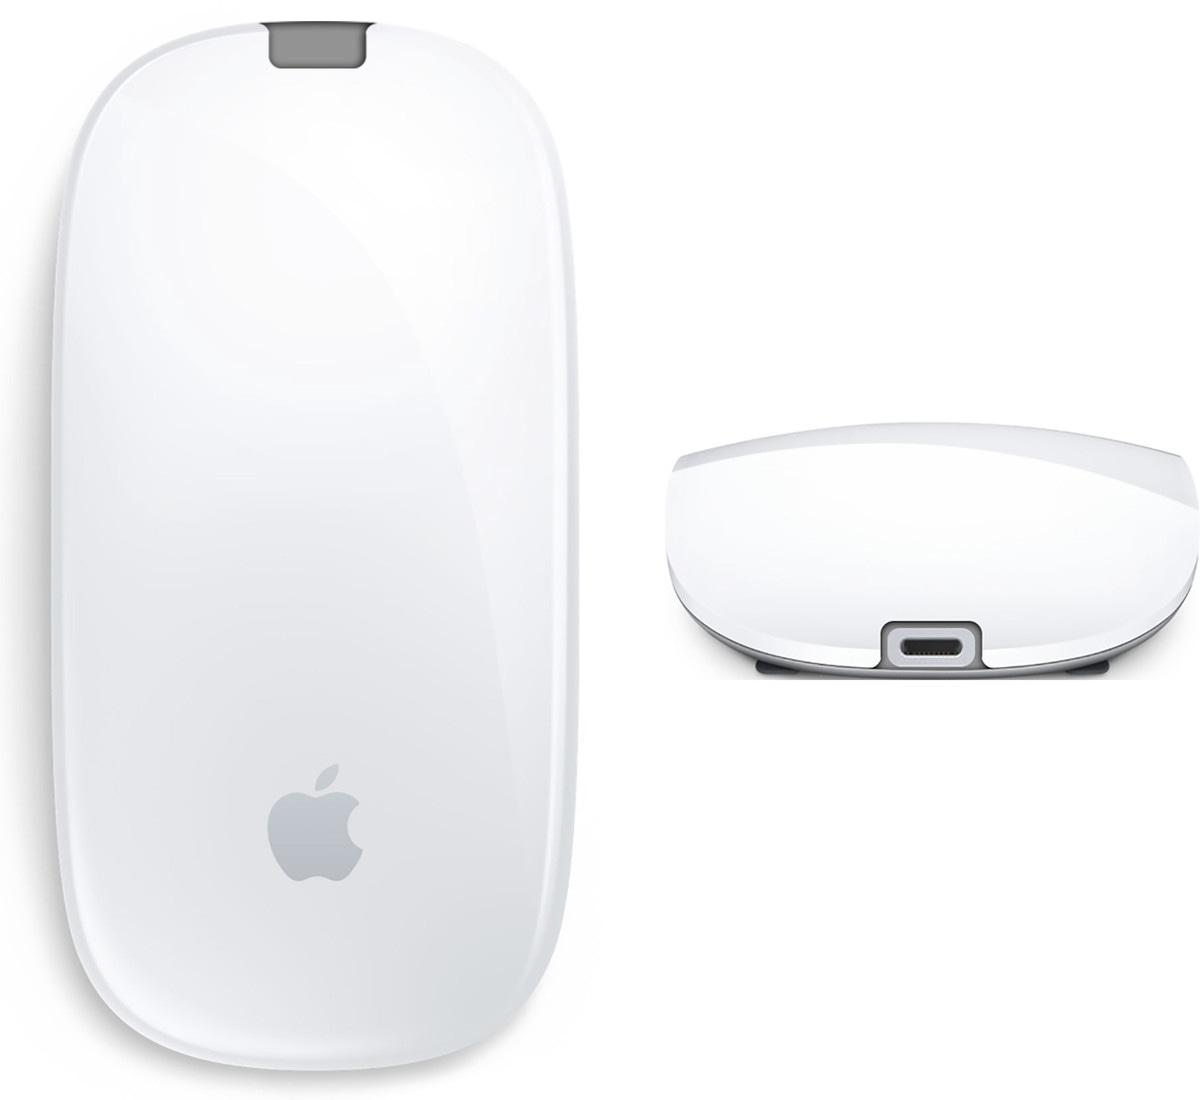 Mockup de como deveria ser o Magic Mouse 2